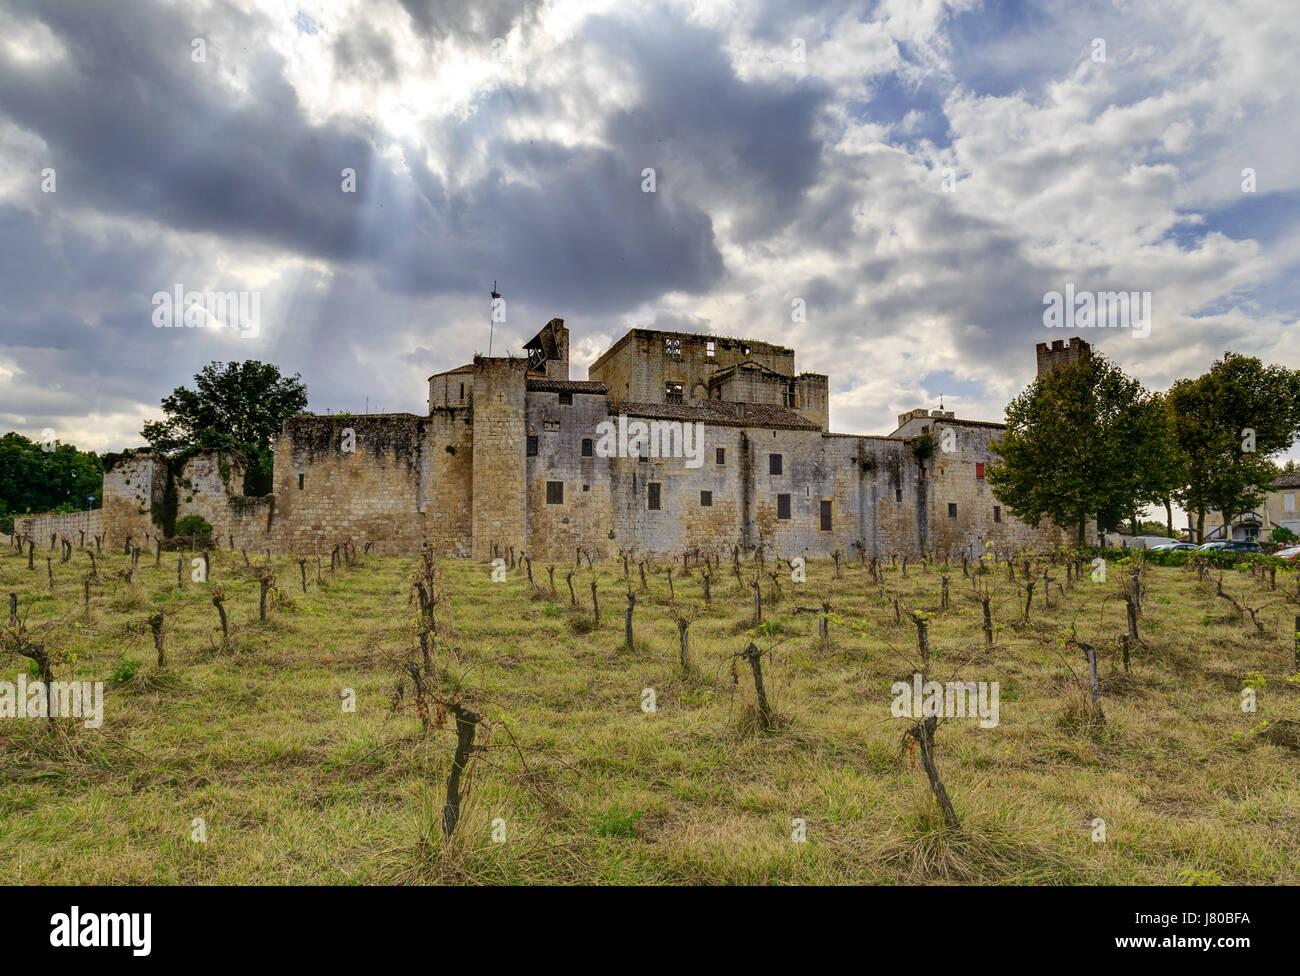 France, Gers,, Larressingle, labelled Les Plus Beaux Villages de France (The Most beautiful Villages of France) - Stock Image